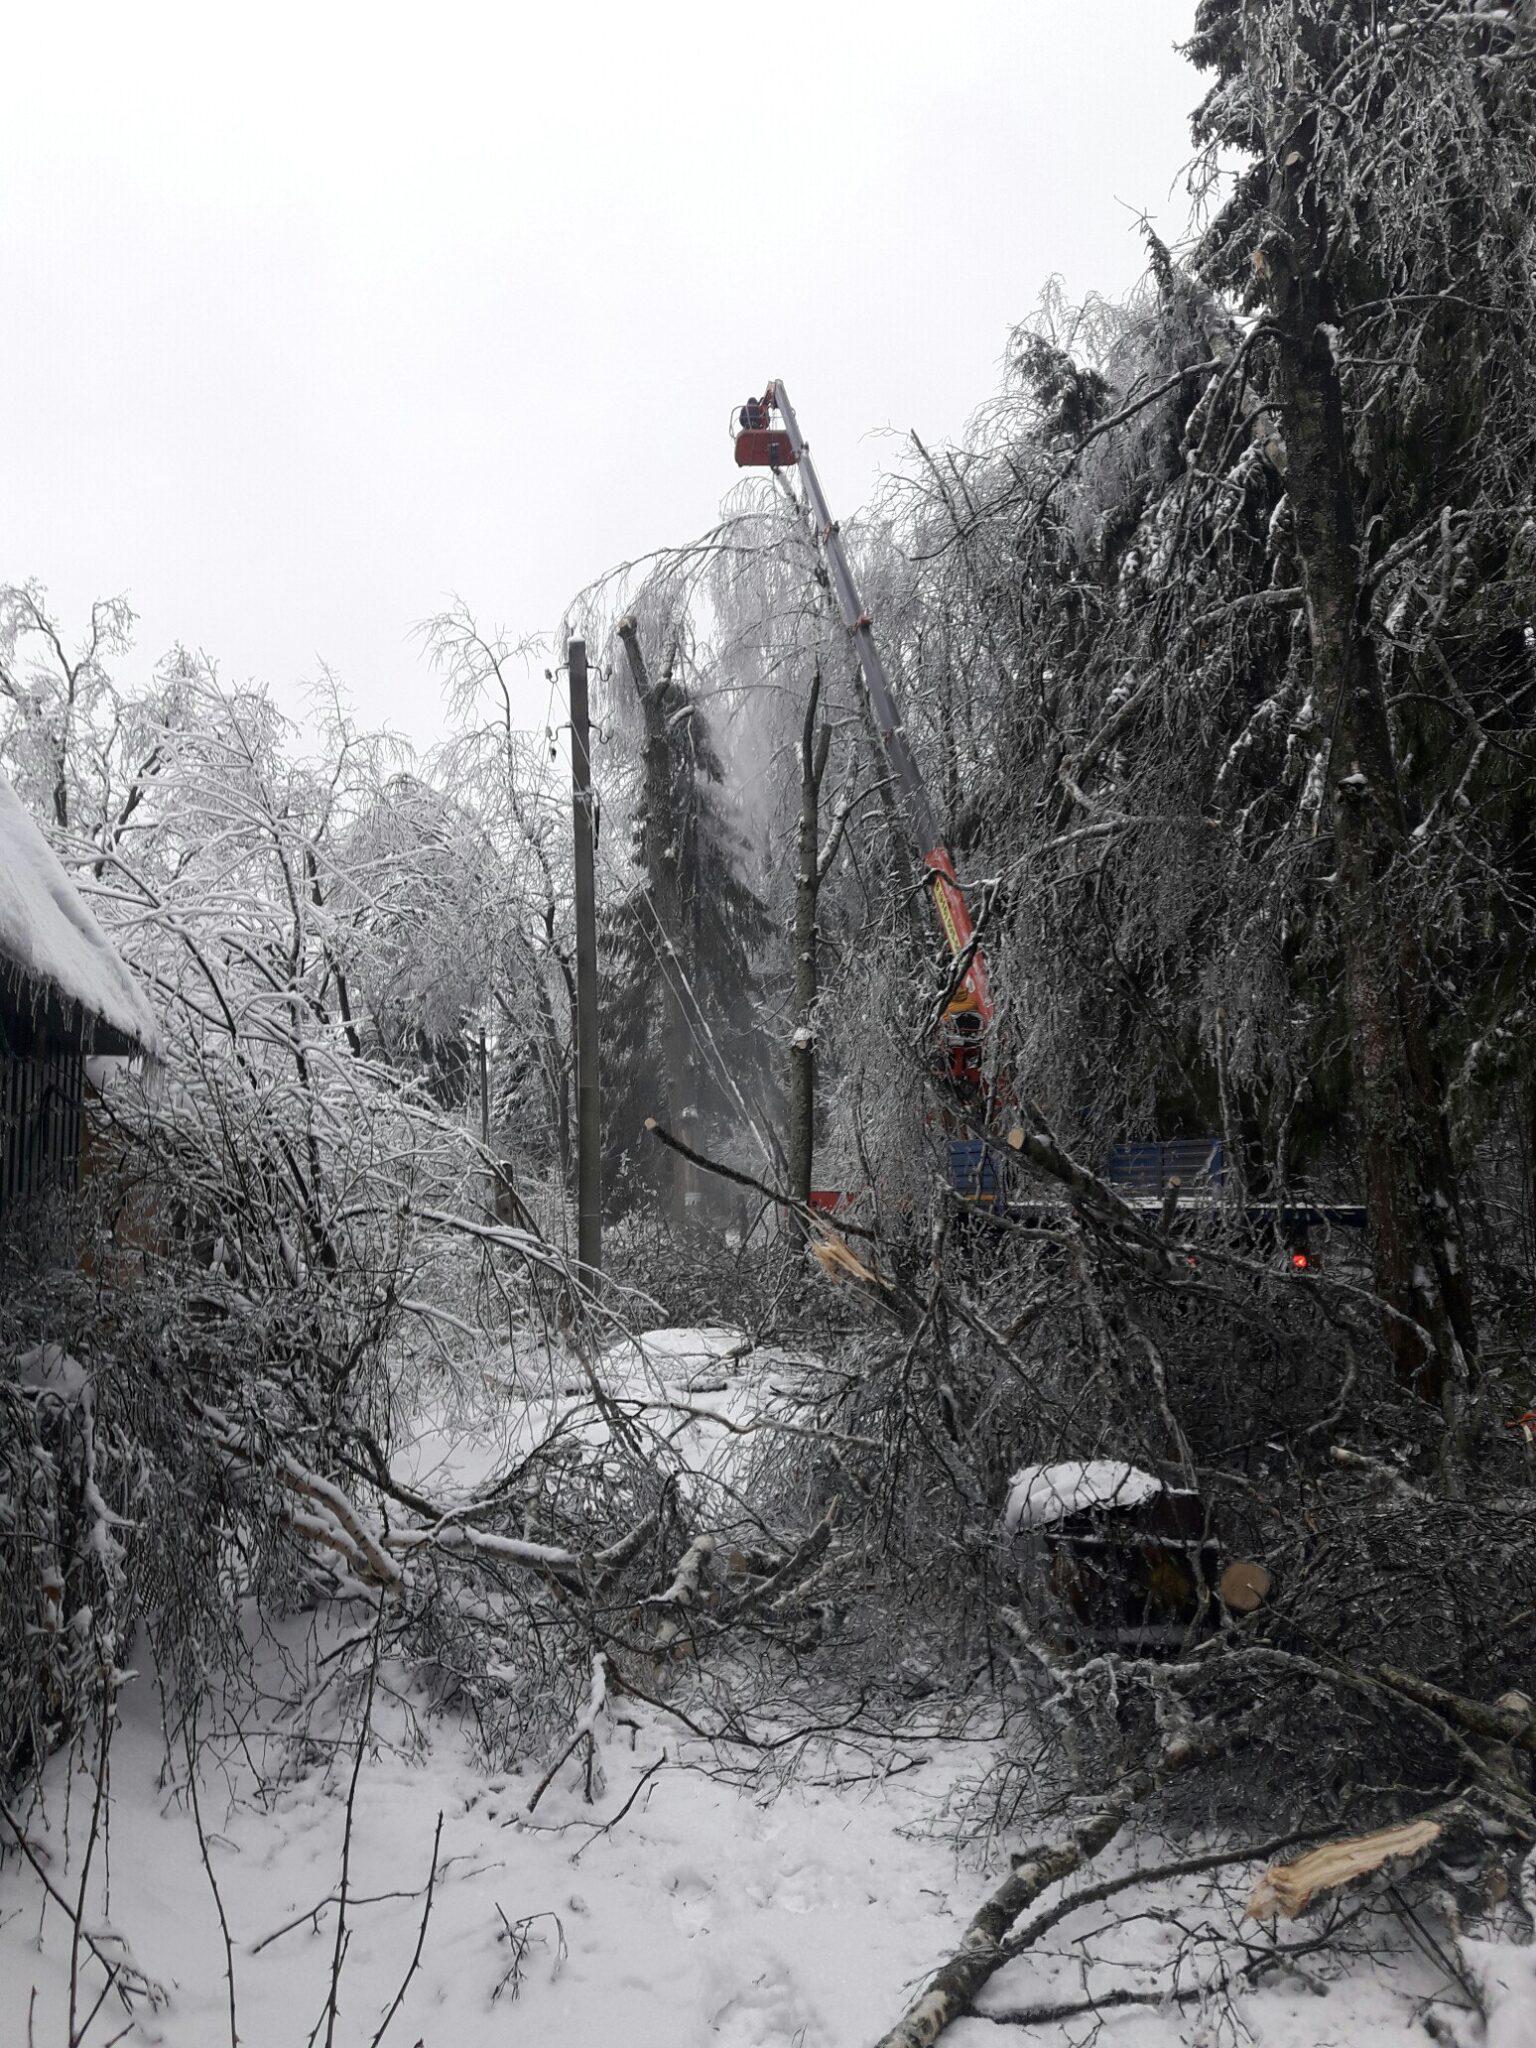 Обрезка деревьев над дорогой после ледяного дождя СНТ Дружба Сергиев Посад